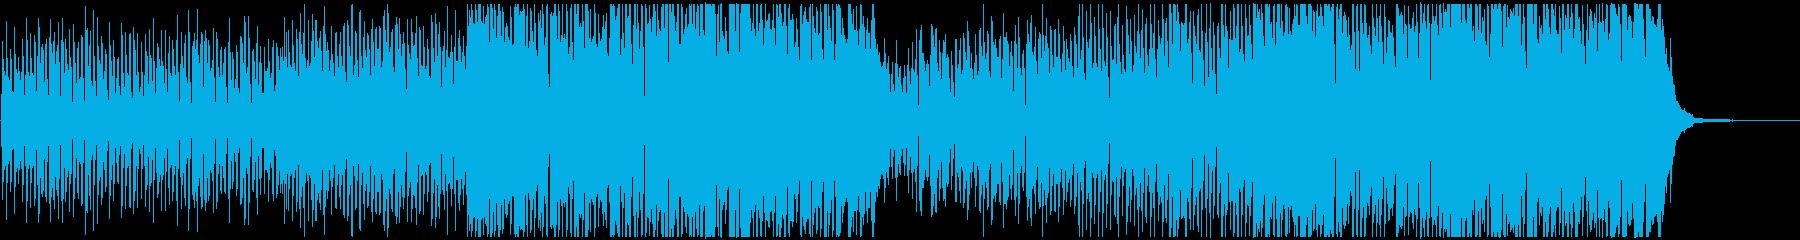 ウクレレを使用したスイングジャズ風な曲の再生済みの波形